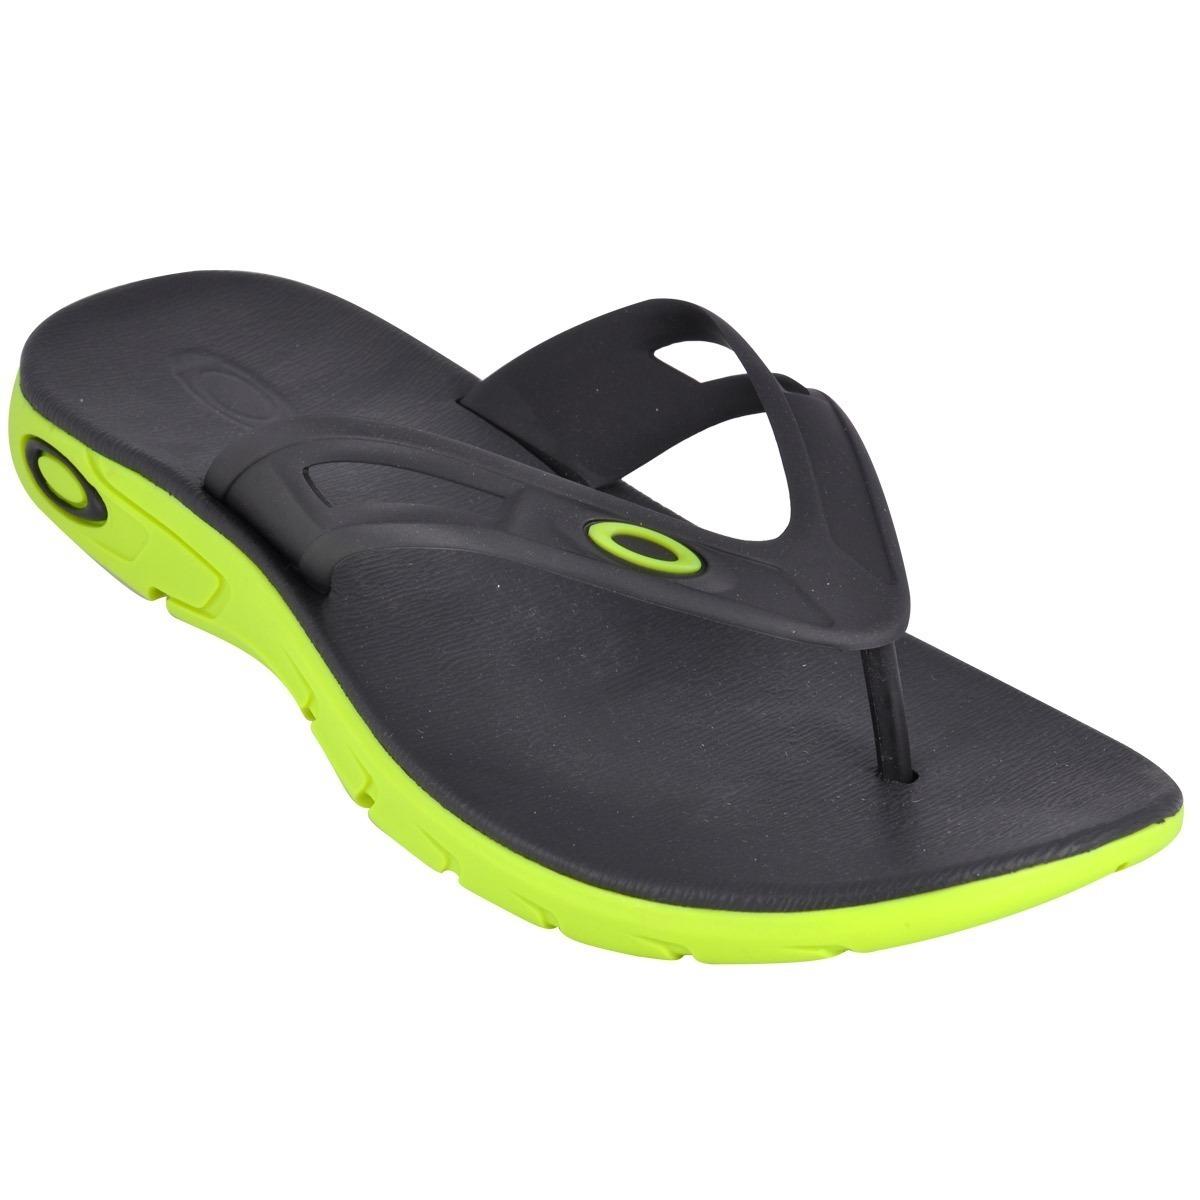 0e097865e6 Sandália Rest 2.0 Oakley Chinelo Verde E Preto - R  69